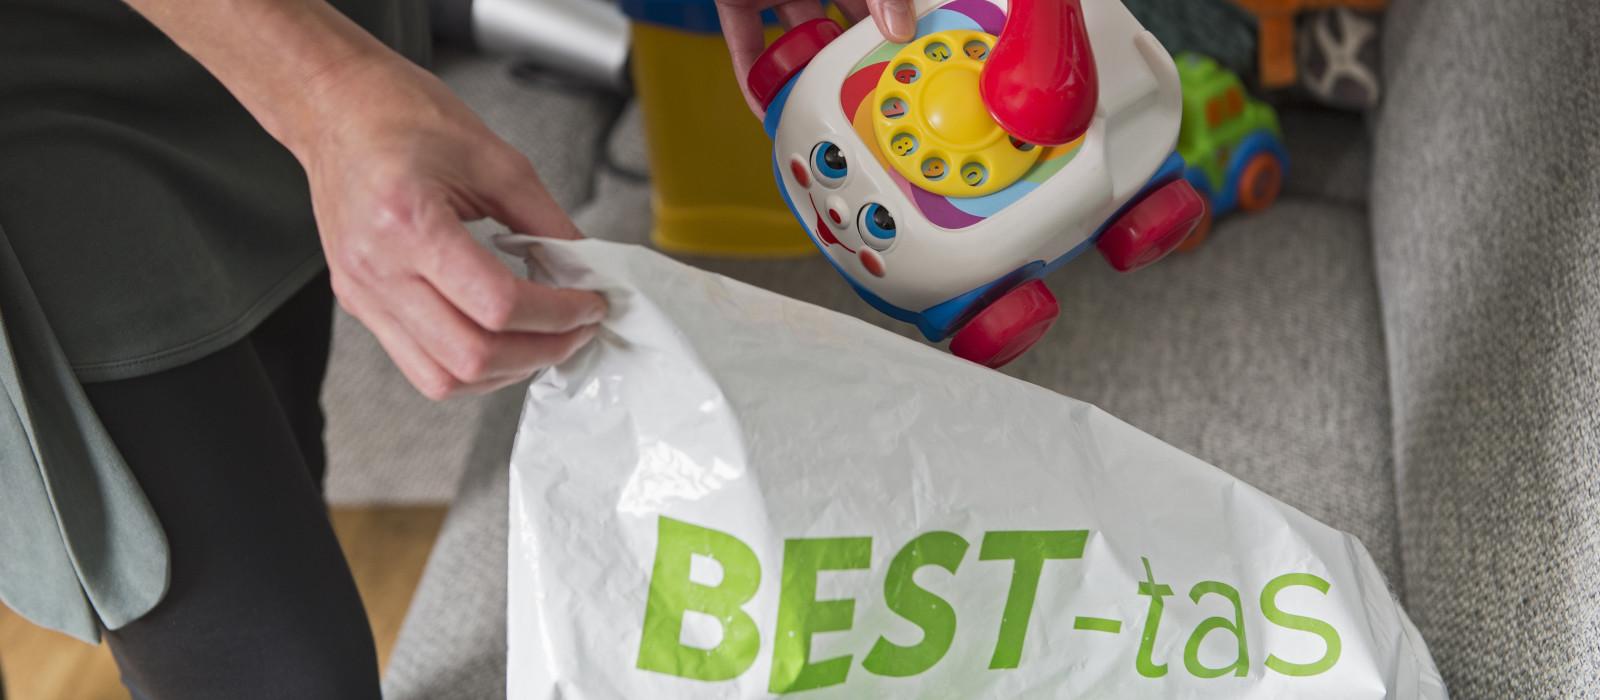 BEST-tas nu op meer punten verkrijgbaar